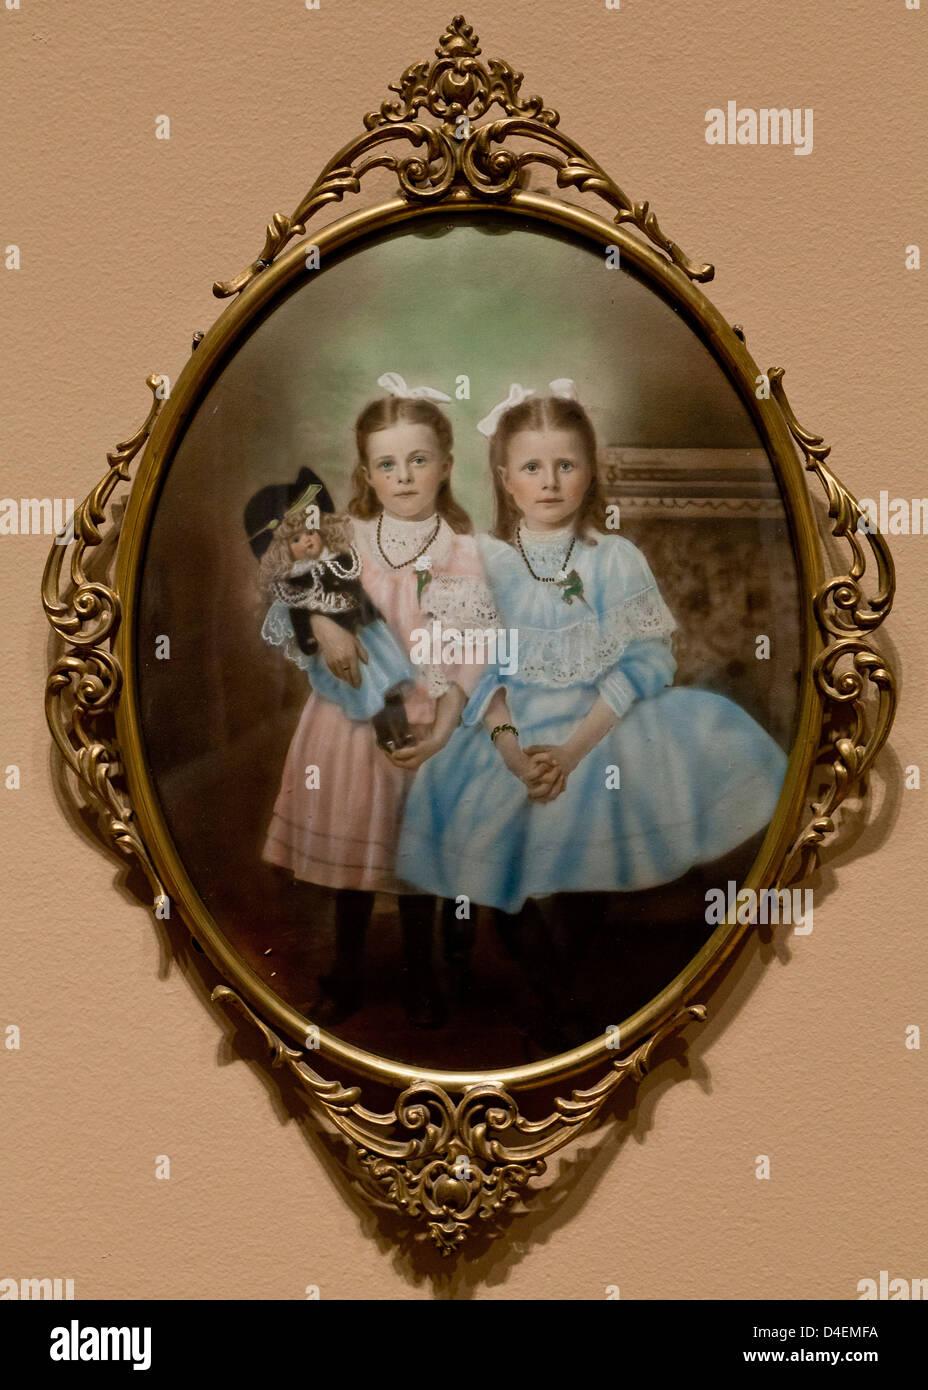 Ferrotype colorisée photographie du 19e siècle Photo Stock